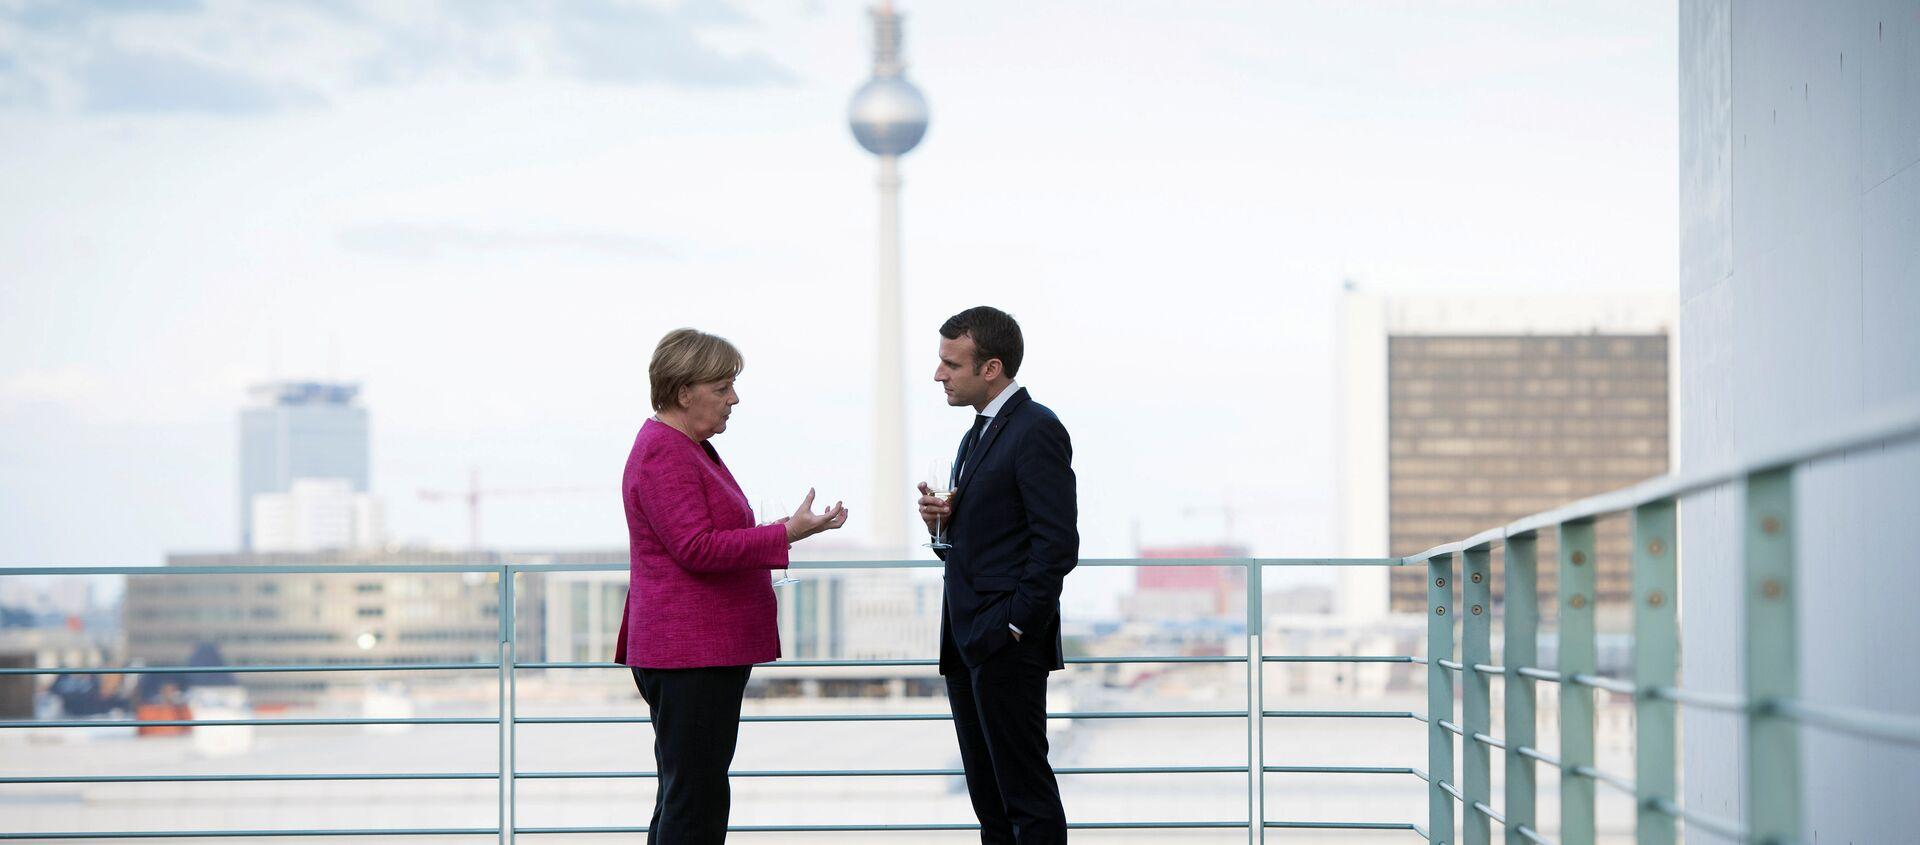 Angela Merkel i Emmanuel Macron w Berlinie, 2017 rok - Sputnik Polska, 1920, 05.02.2021